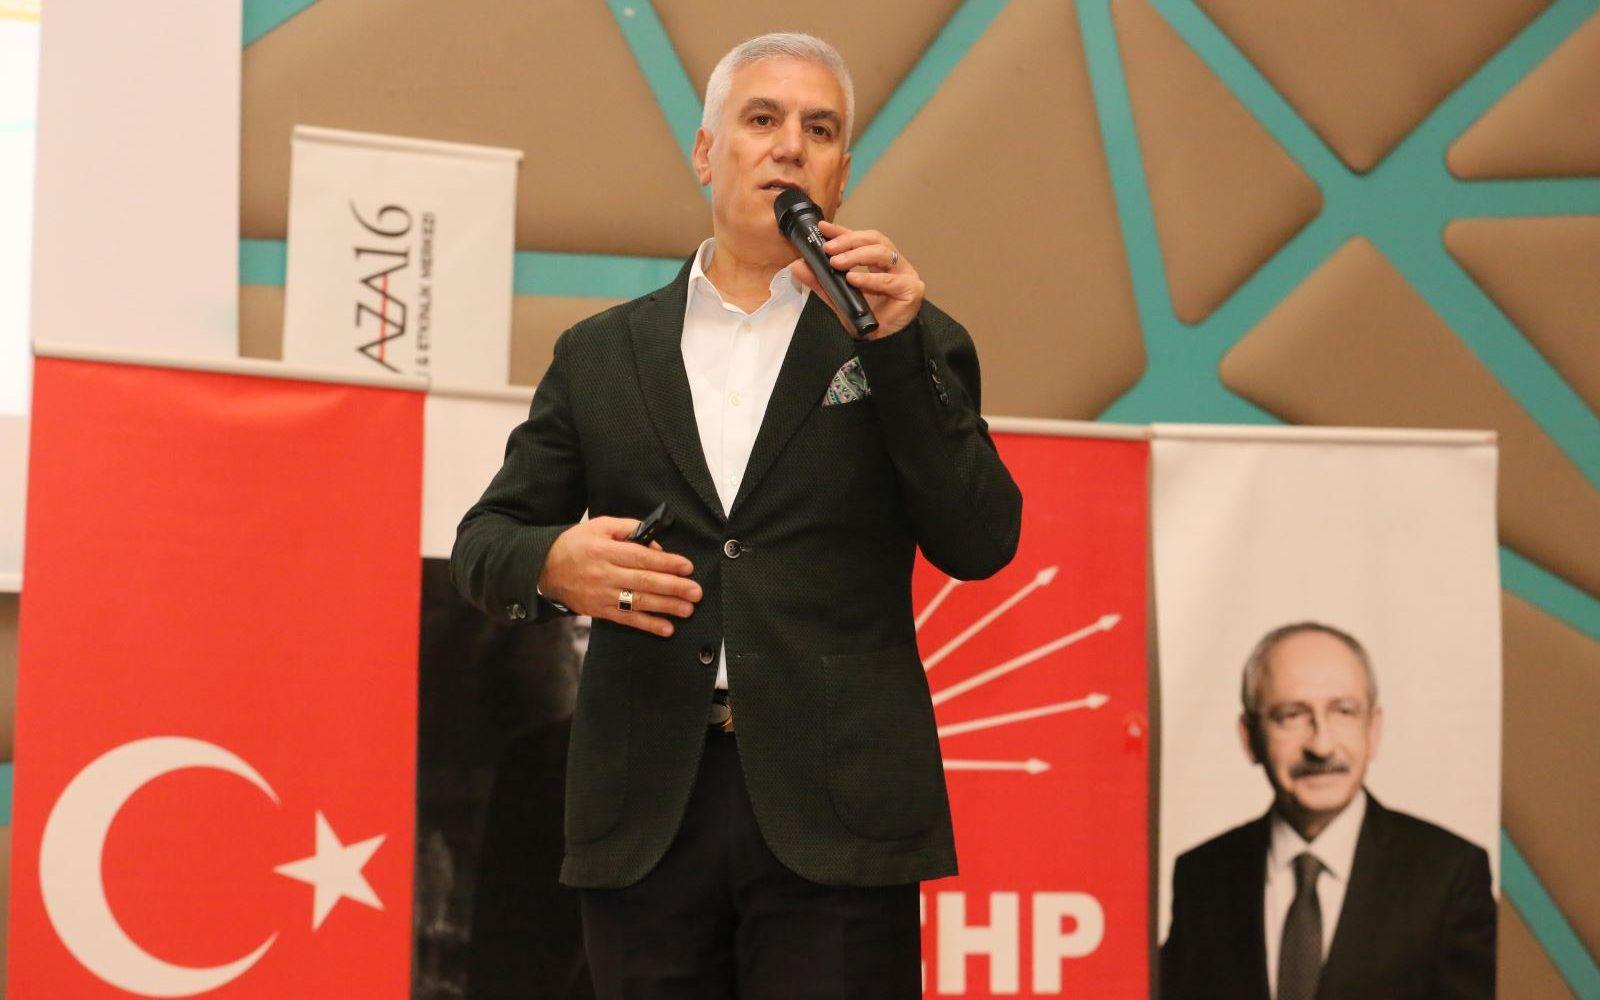 CHP'li Aday, Partililerden Getirecekleri Her 5 Kişiden Birinin LGBT Olmasını İstedi